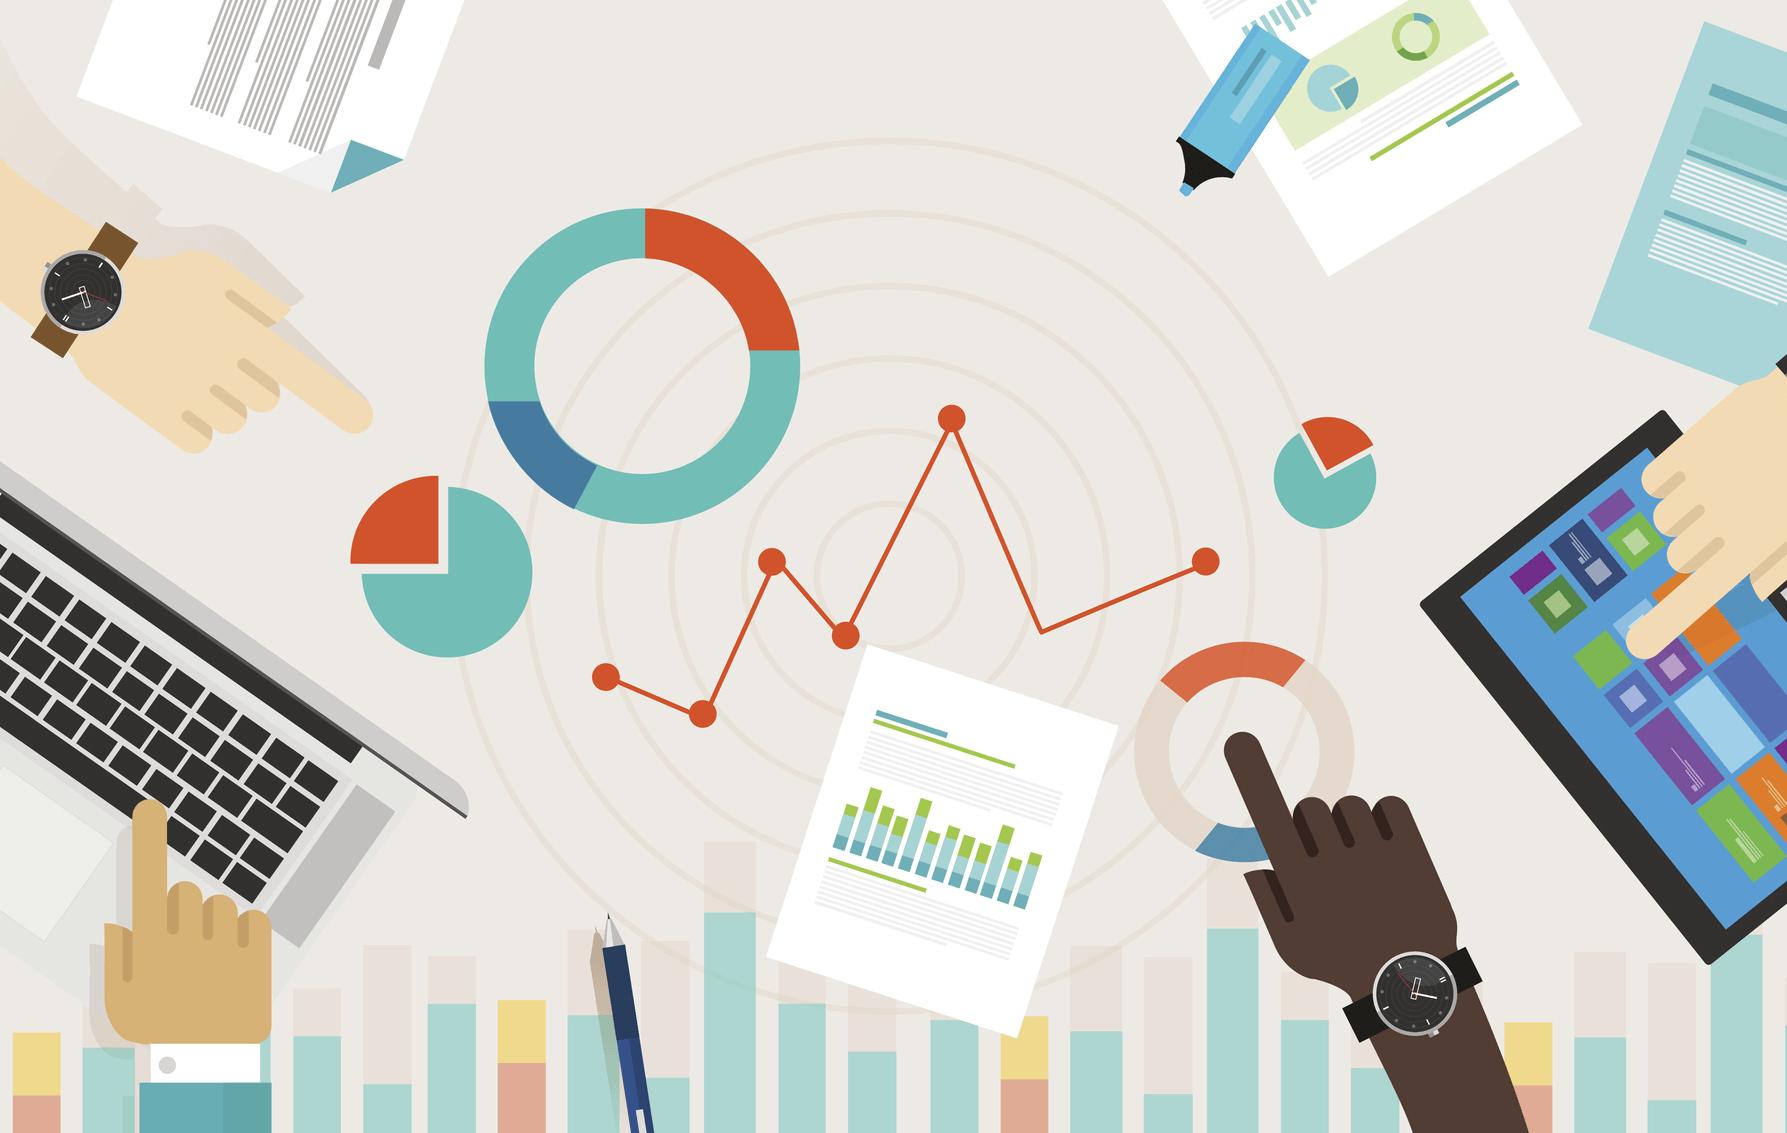 فناوری اطلاعات (IT) چیست و چرا تا این حد پرطرفدار است؟